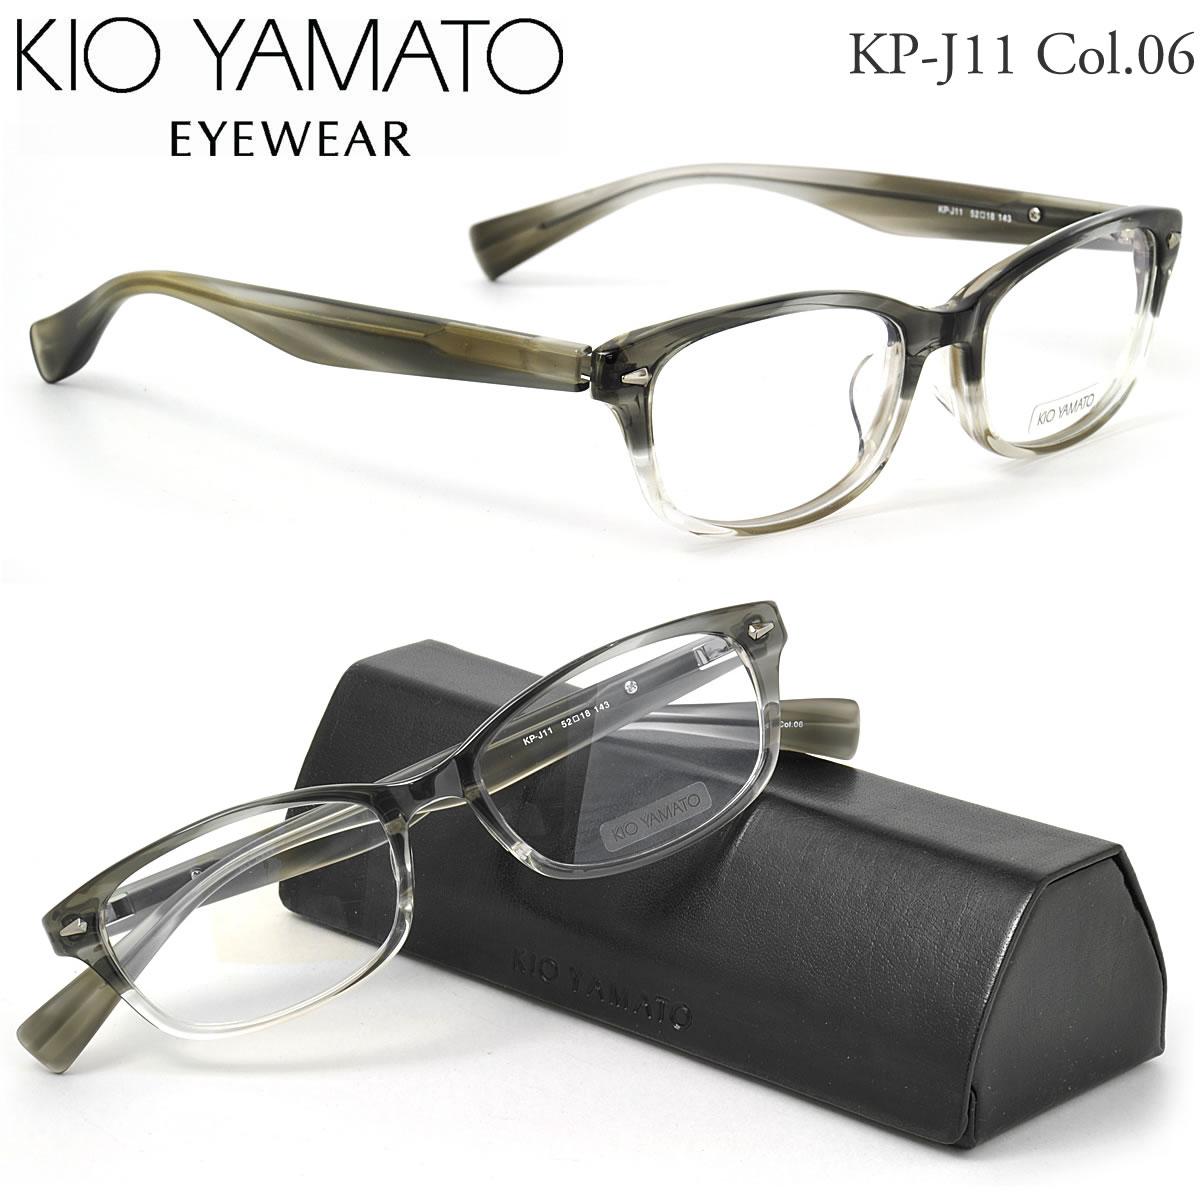 ほぼ全品ポイント15倍~最大34倍+2倍! 【KIO YAMATO メガネ】キオヤマト メガネフレーム KP-J11 06